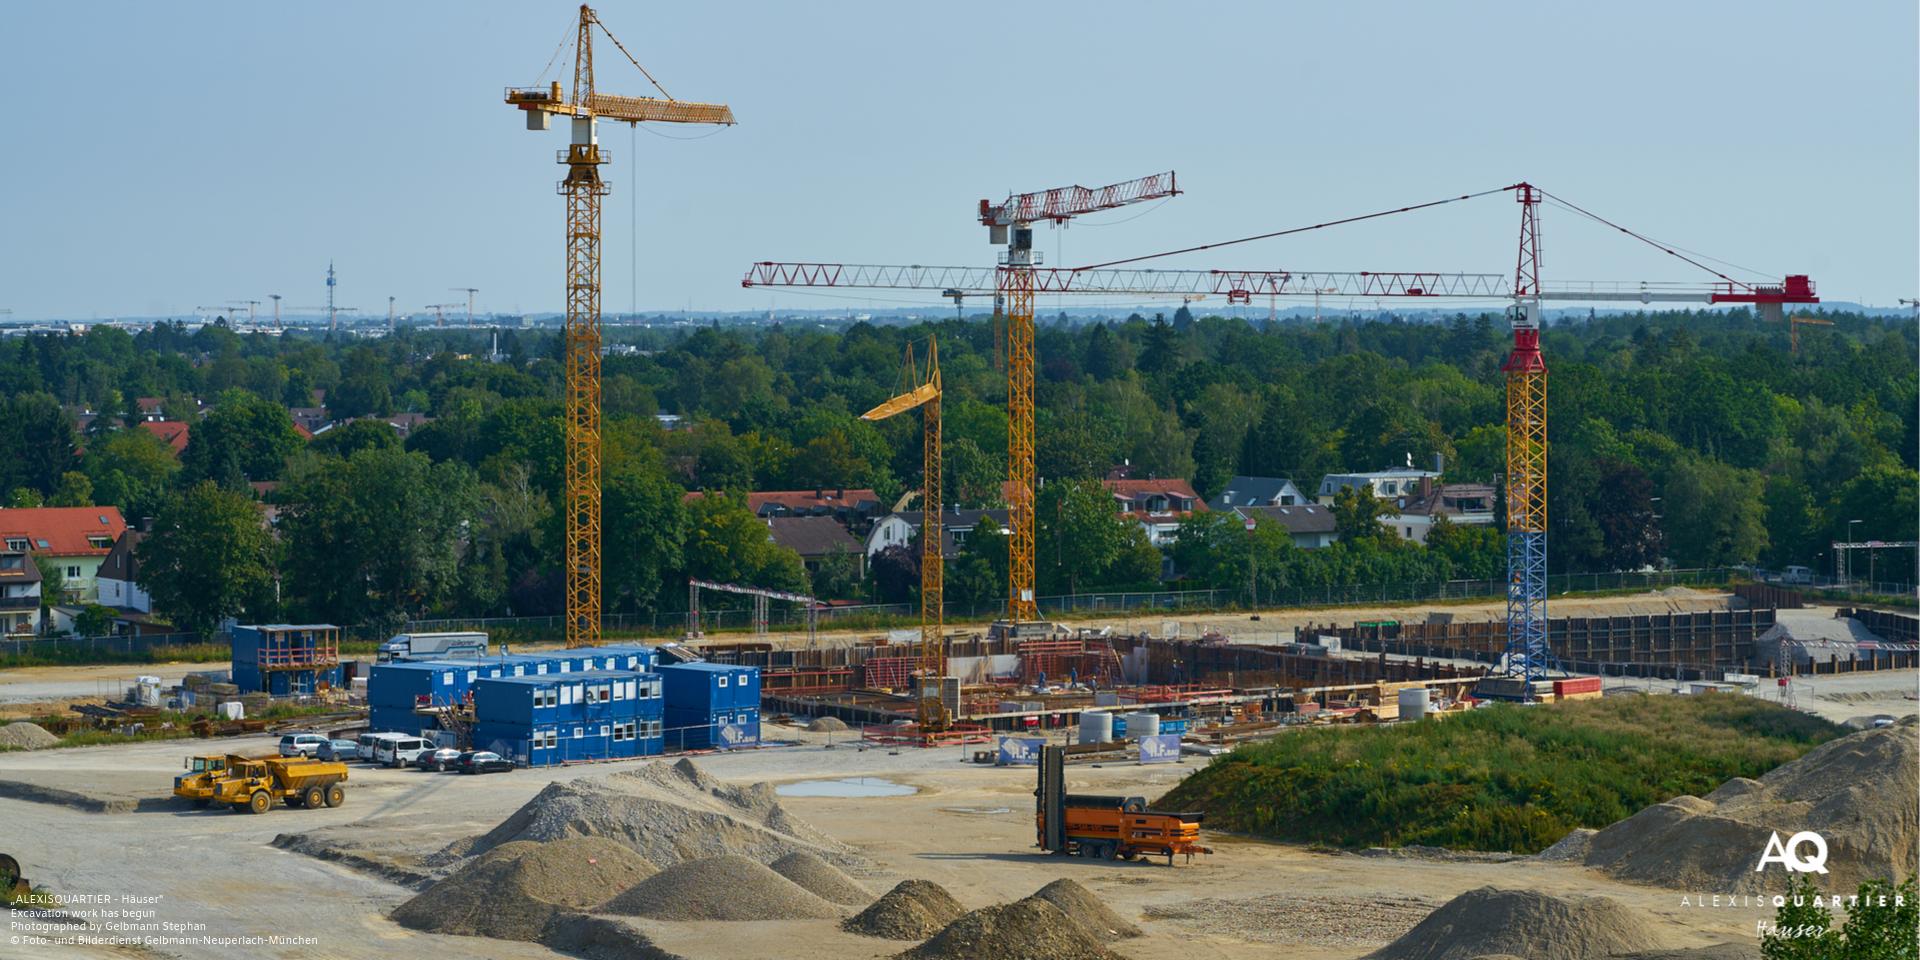 'ALEXISQUARTIER - Häuser' in Munich-Perlach: Earthworks start